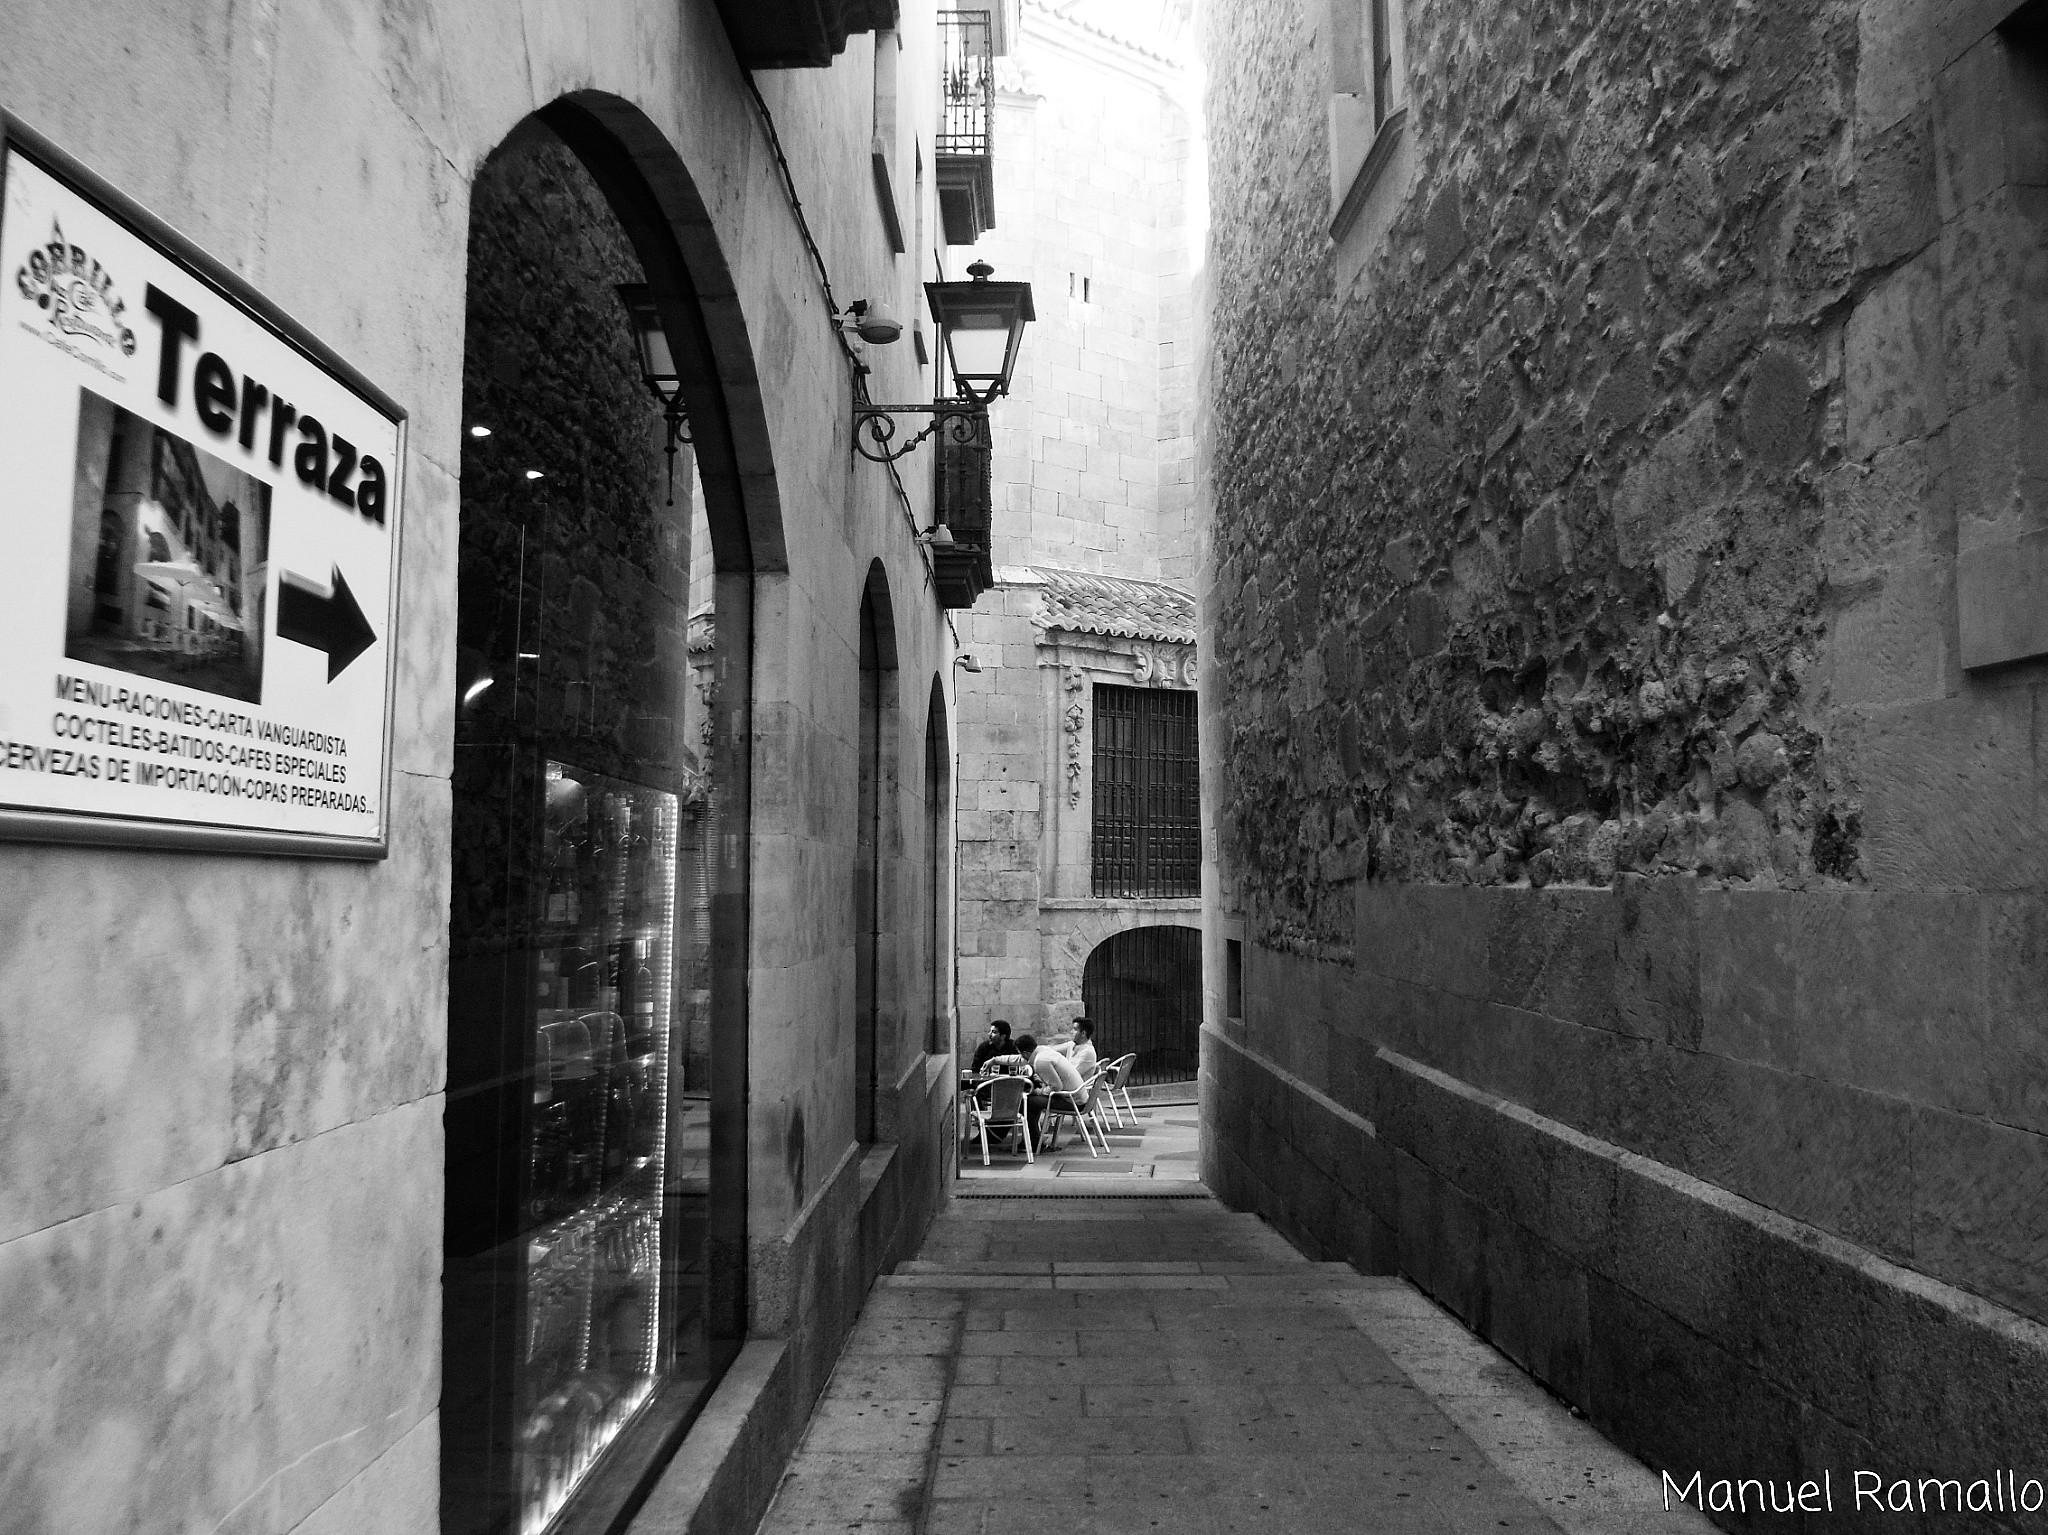 terraza-salamanca-espana-blanco-y-negro